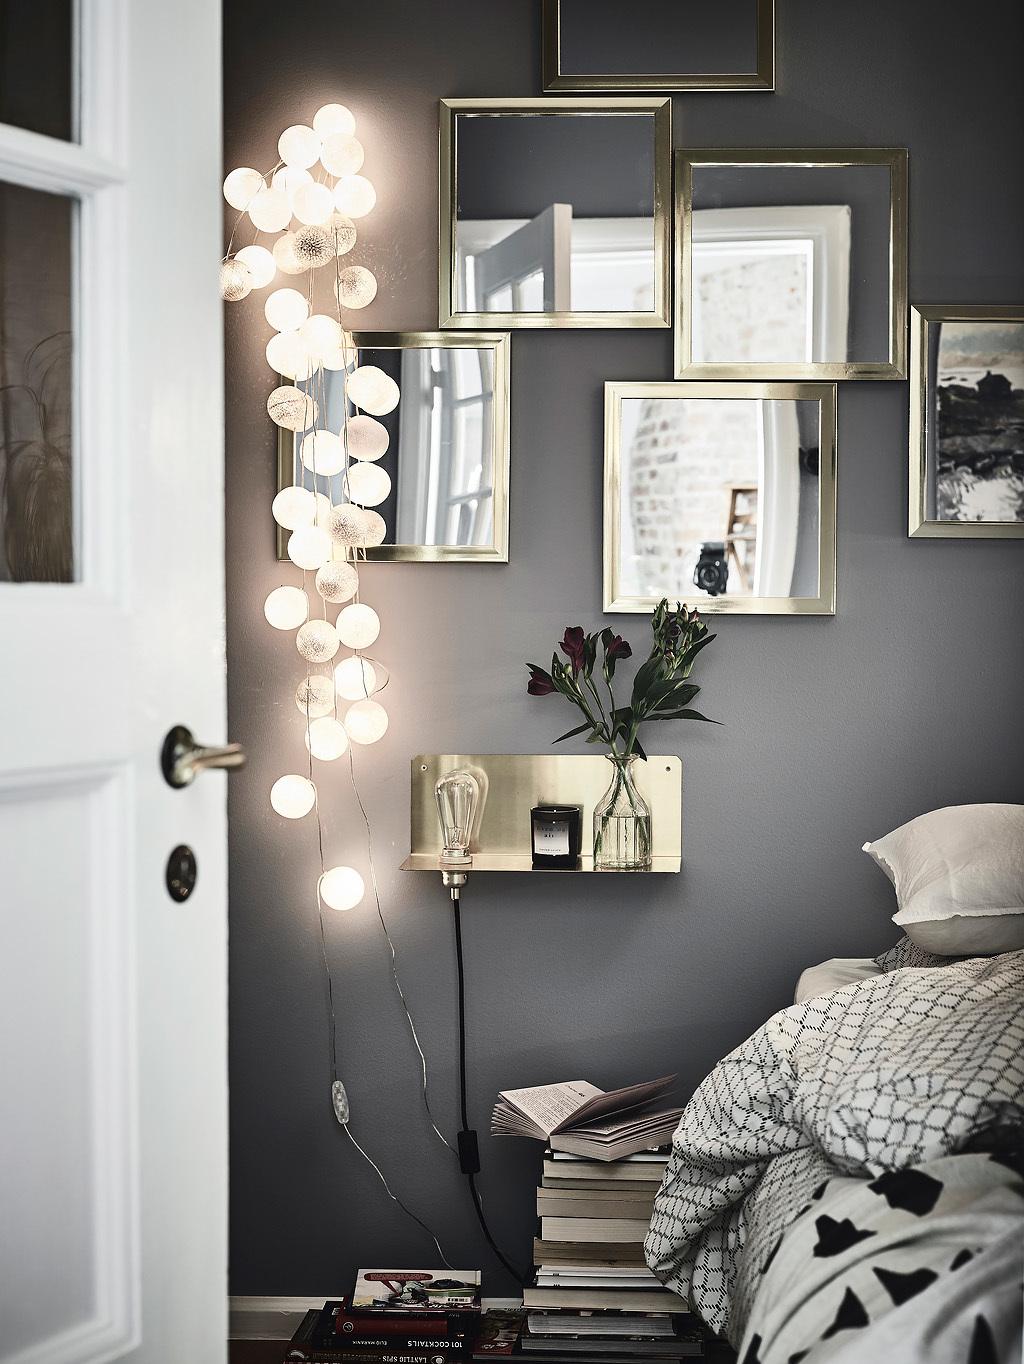 guirnalda de luces, dormitorio estilo nordico, bolas de hilo, espejos, pared gris, estilo nordico, decoracion nordica, estilo escandinavo, interiorismo, barcelona, alquimia deco,